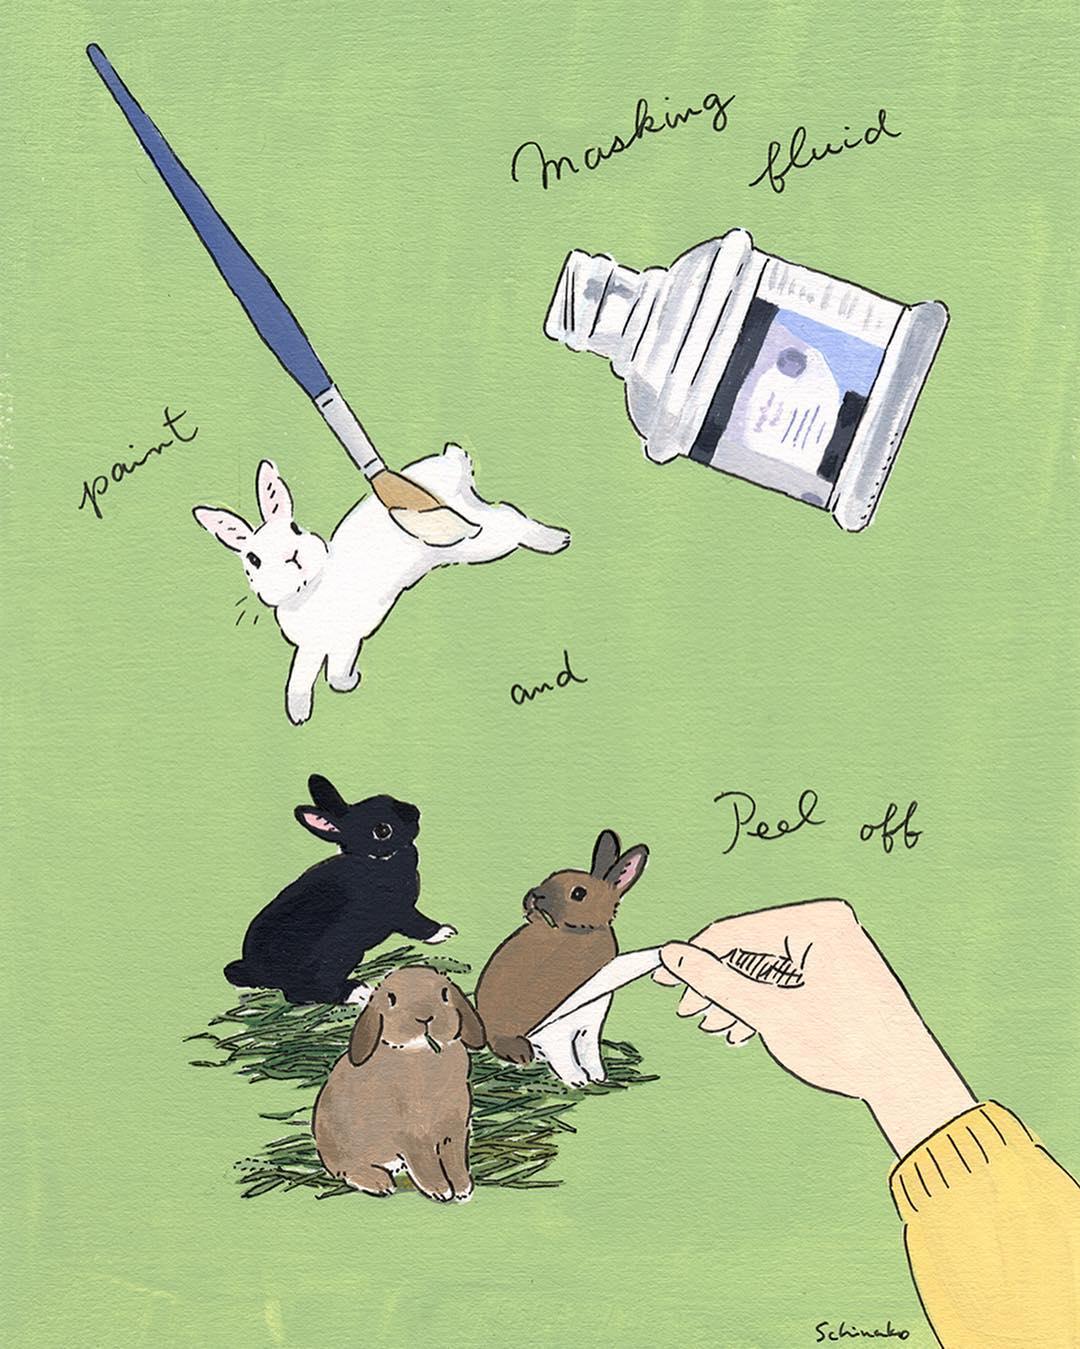 兔子与女主人的快乐生活:森山功子(Schinako Moriyama)插画作品